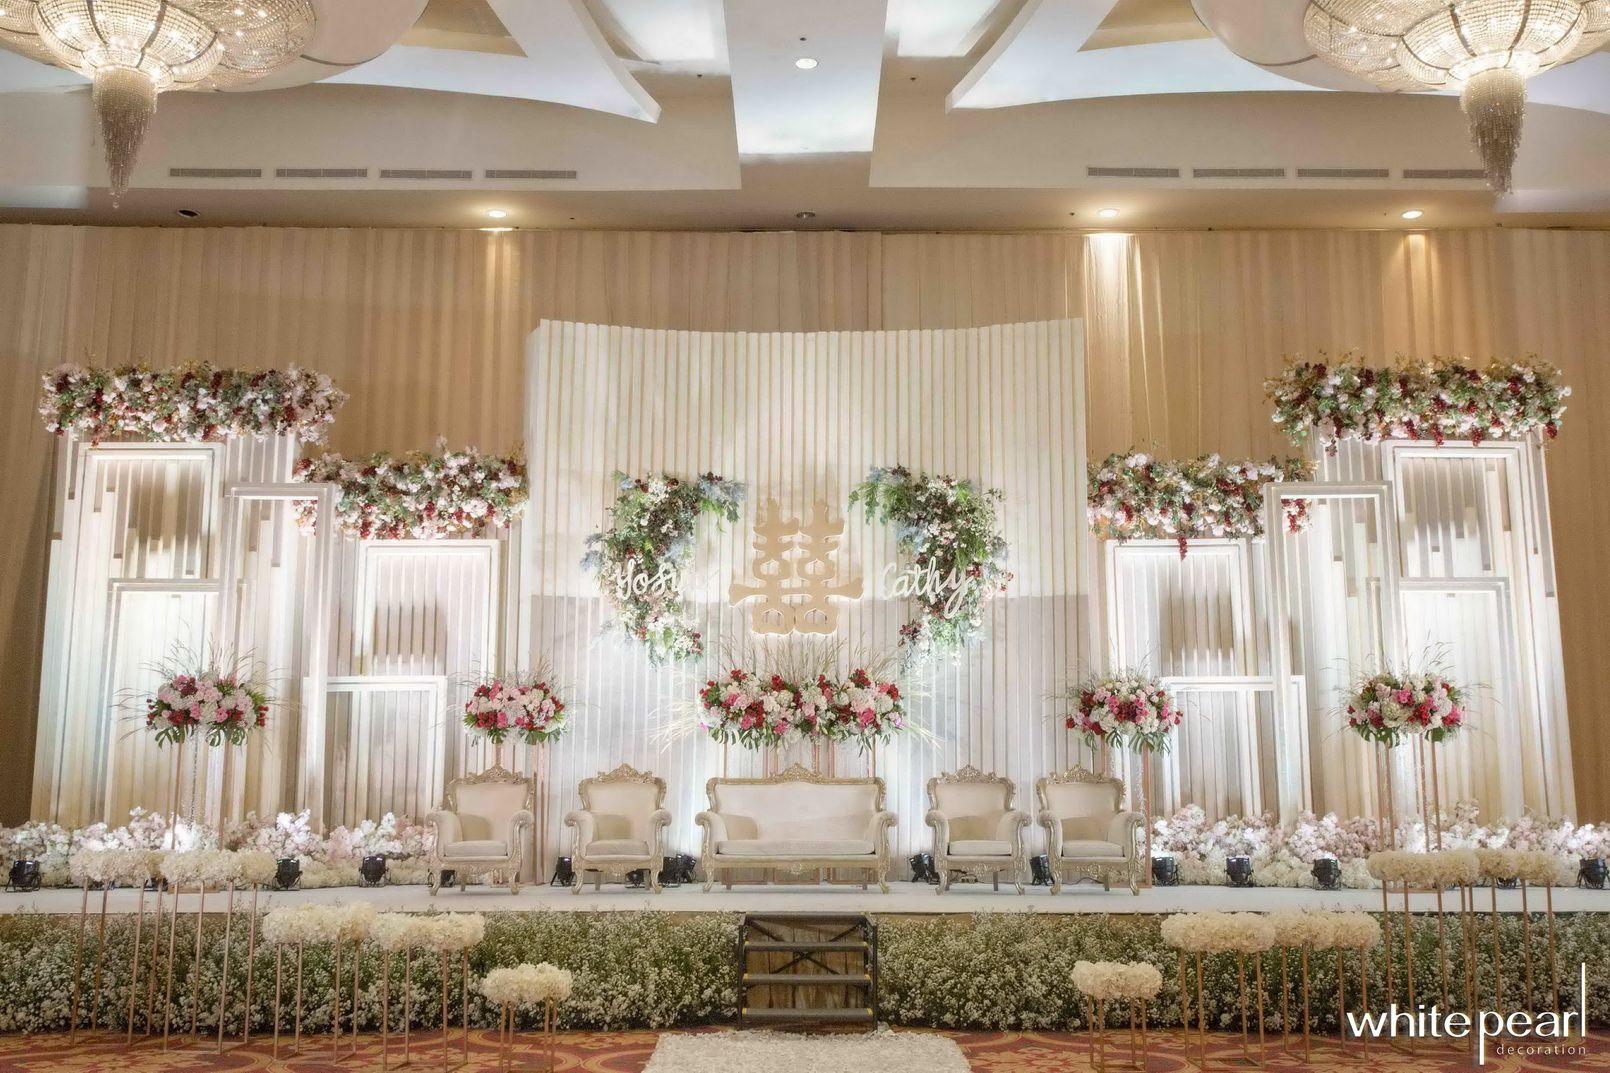 Ini Luar Biasa Karya Hebat Dari White Pearl Decoration Https Www Bridestory Com I Dekorasi Panggung Pernikahan Tempat Pernikahan Dekorasi Resepsi Pernikahan